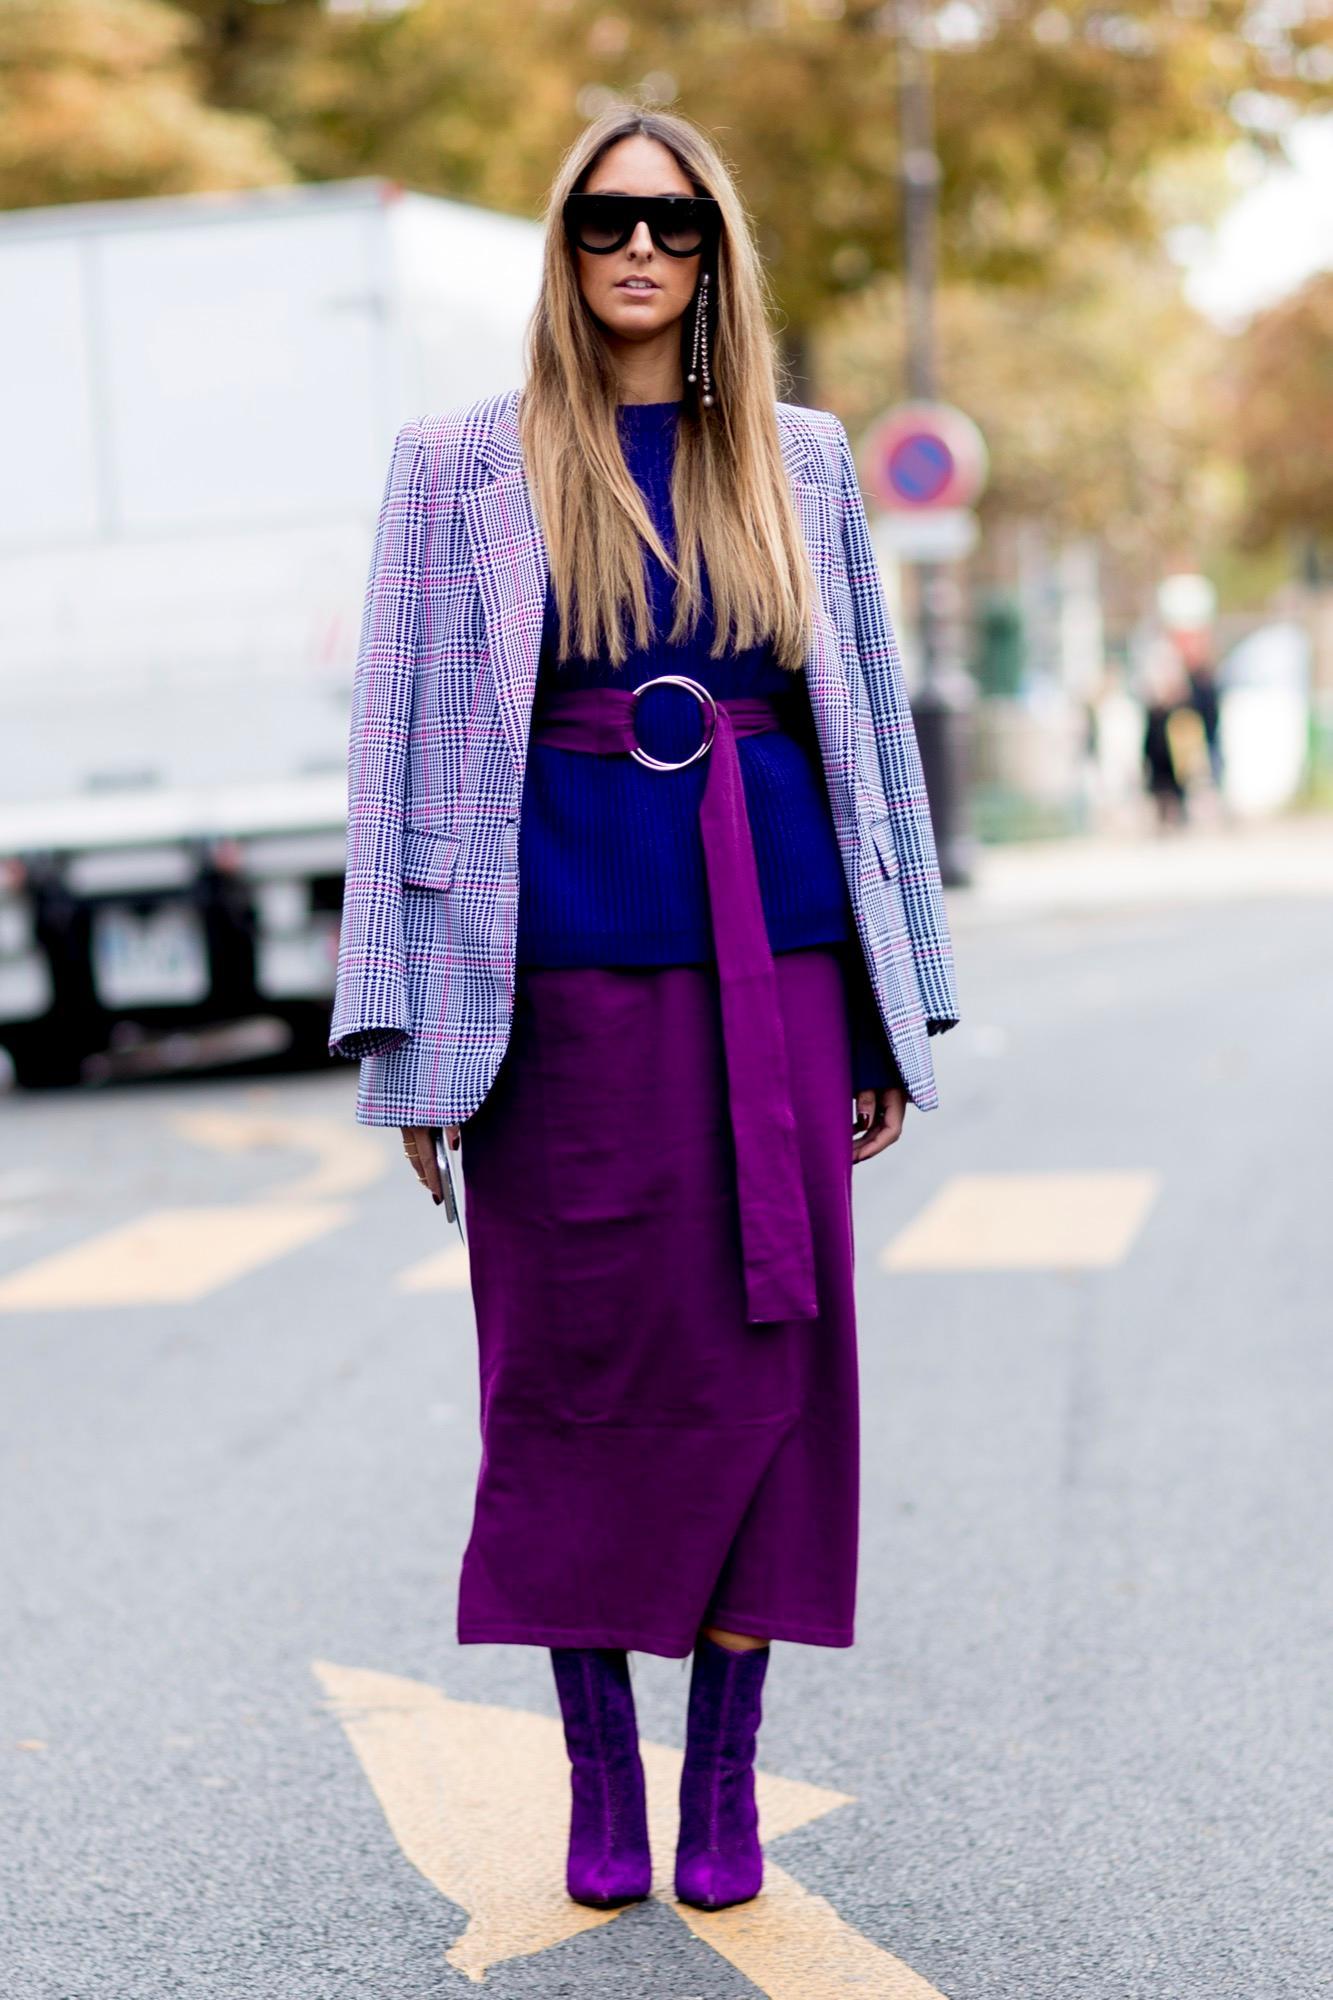 Frau trägt lila-farbenen Look